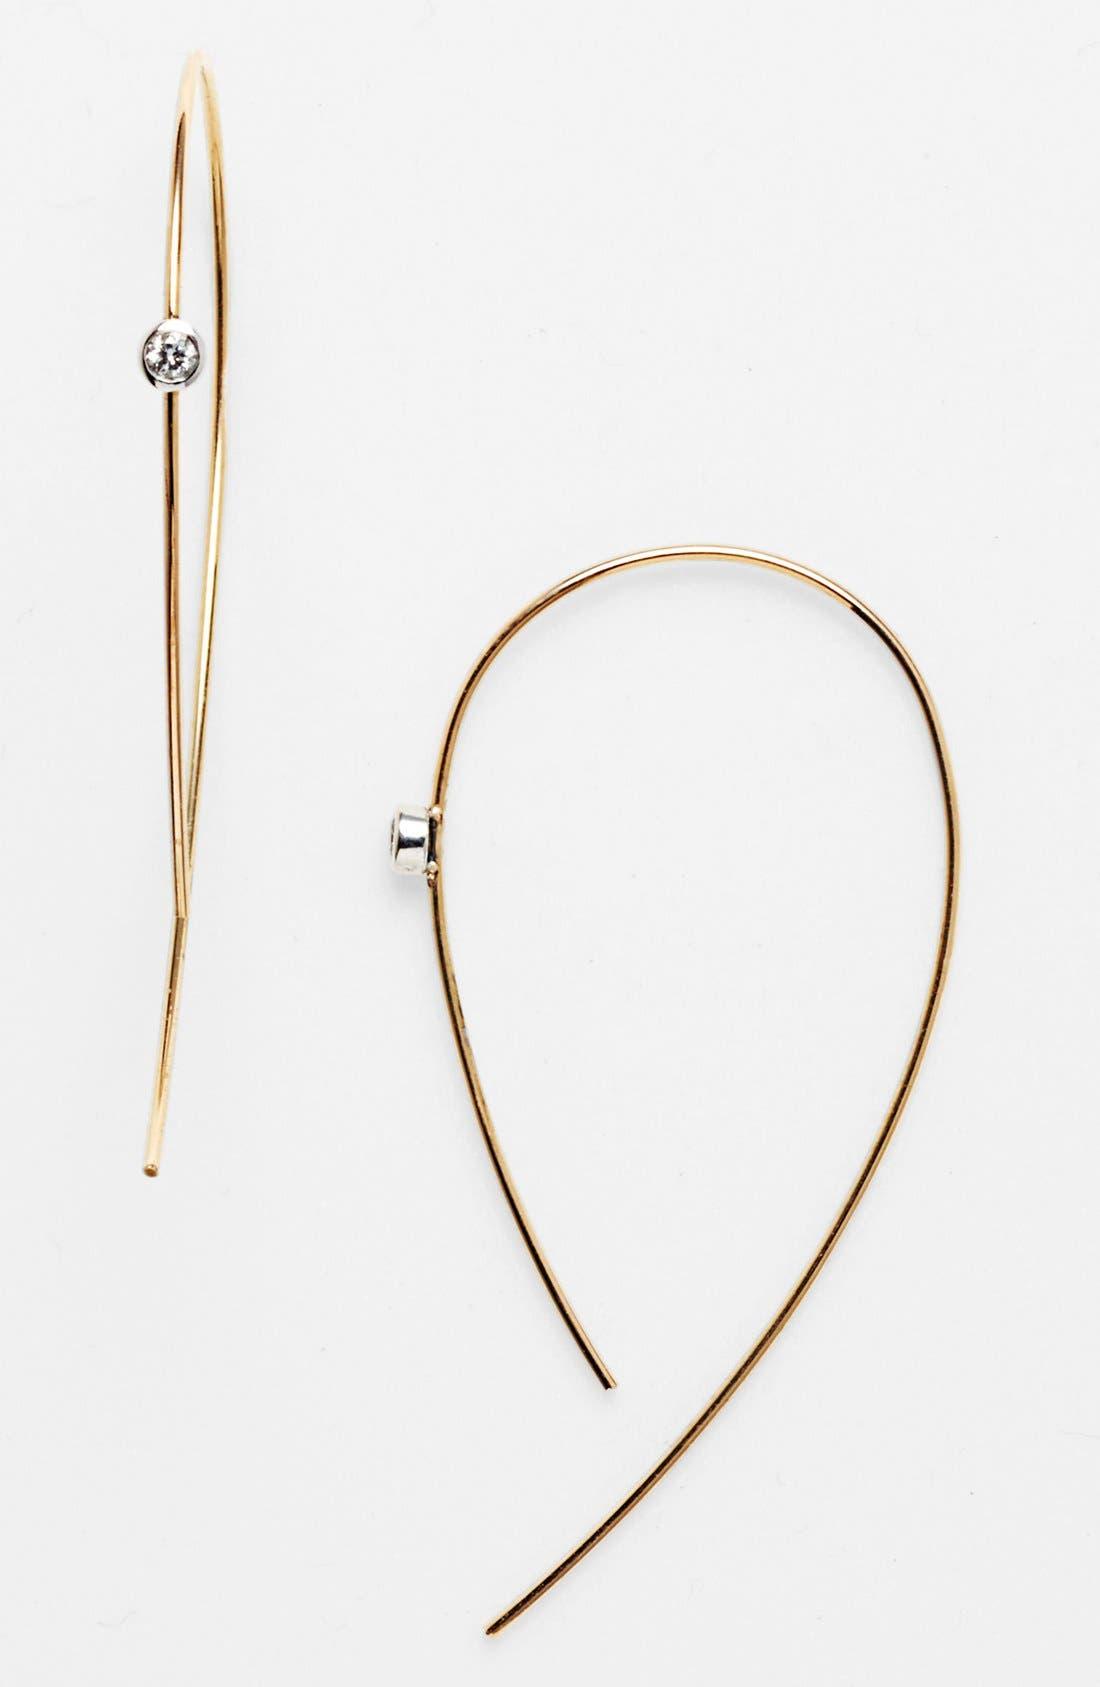 Alternate Image 1 Selected - Lana Jewelry 'Spellbound - Hooked on Hoops' Diamond Hoop Earrings